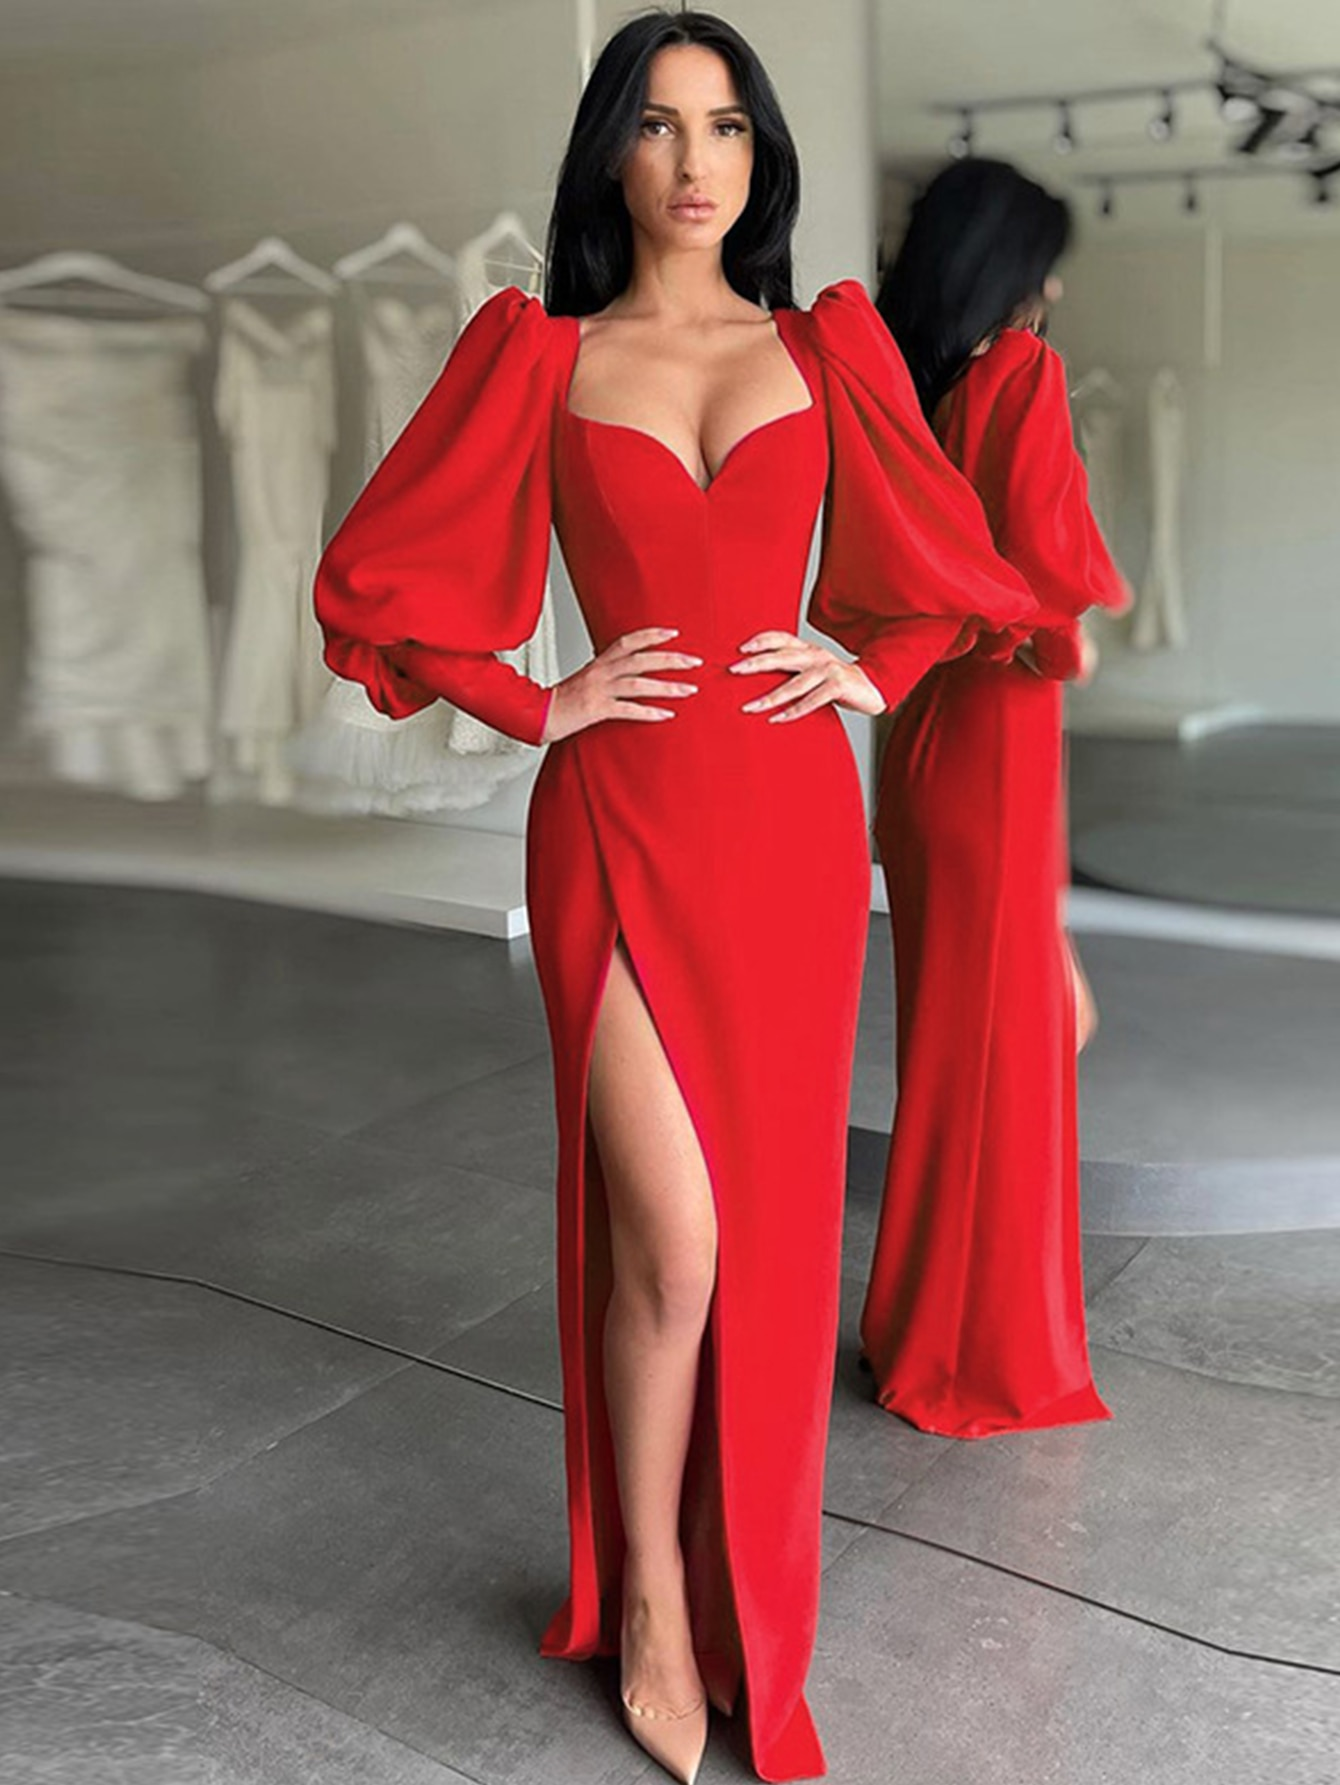 Adyce فستان نسائي طويل شتوي بأكمام واسعة وفانوس 2021 مثير بياقة على شكل V ملابس النادي فساتين عصرية للمشاهير للحفلات المسائية